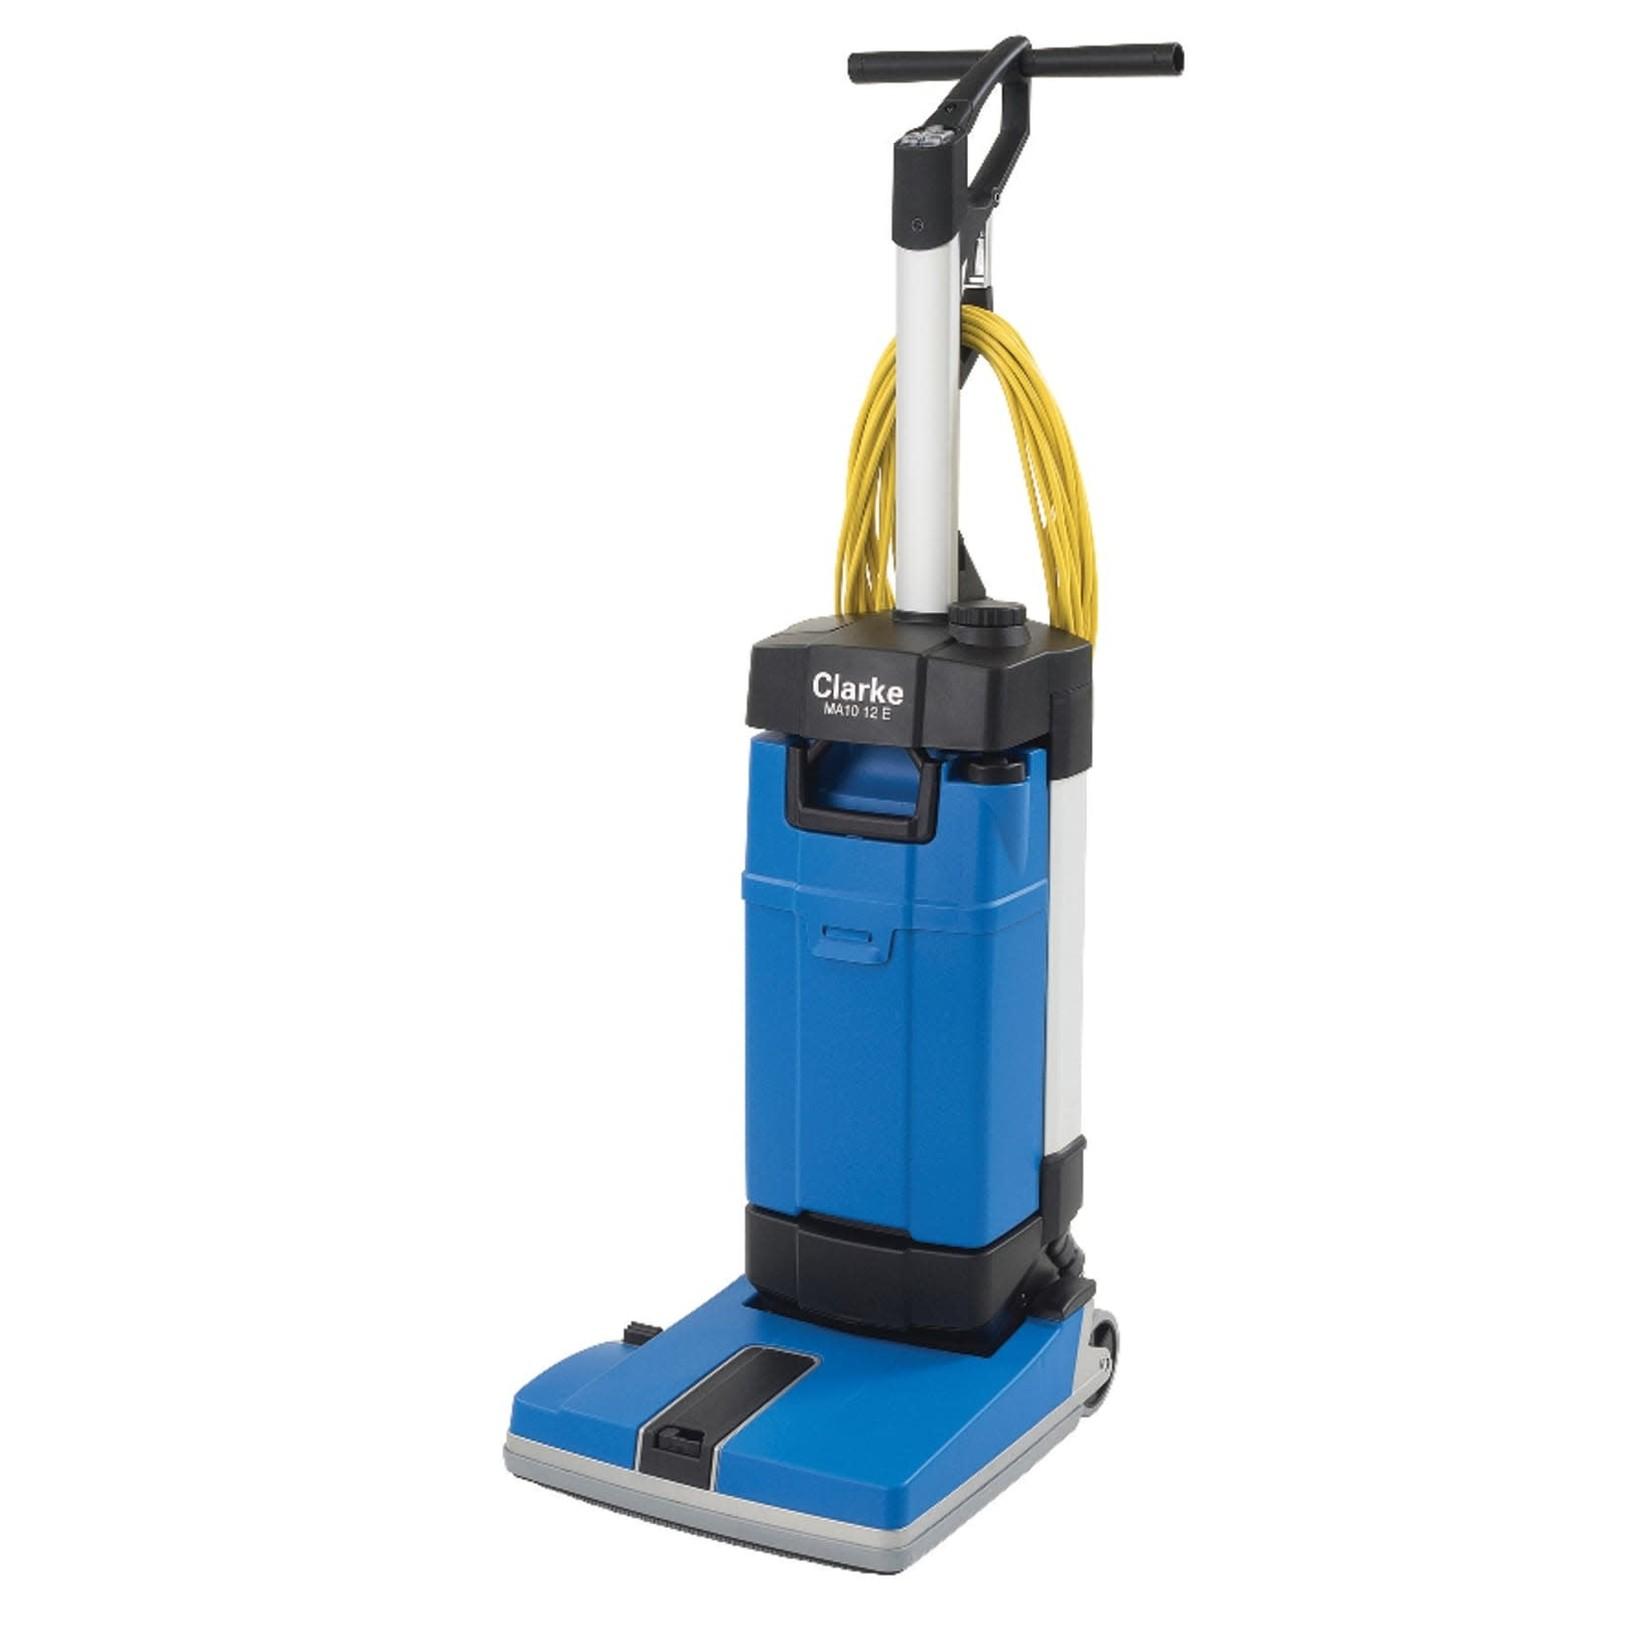 Clarke Clarke MA10 12E Floor Scrubber